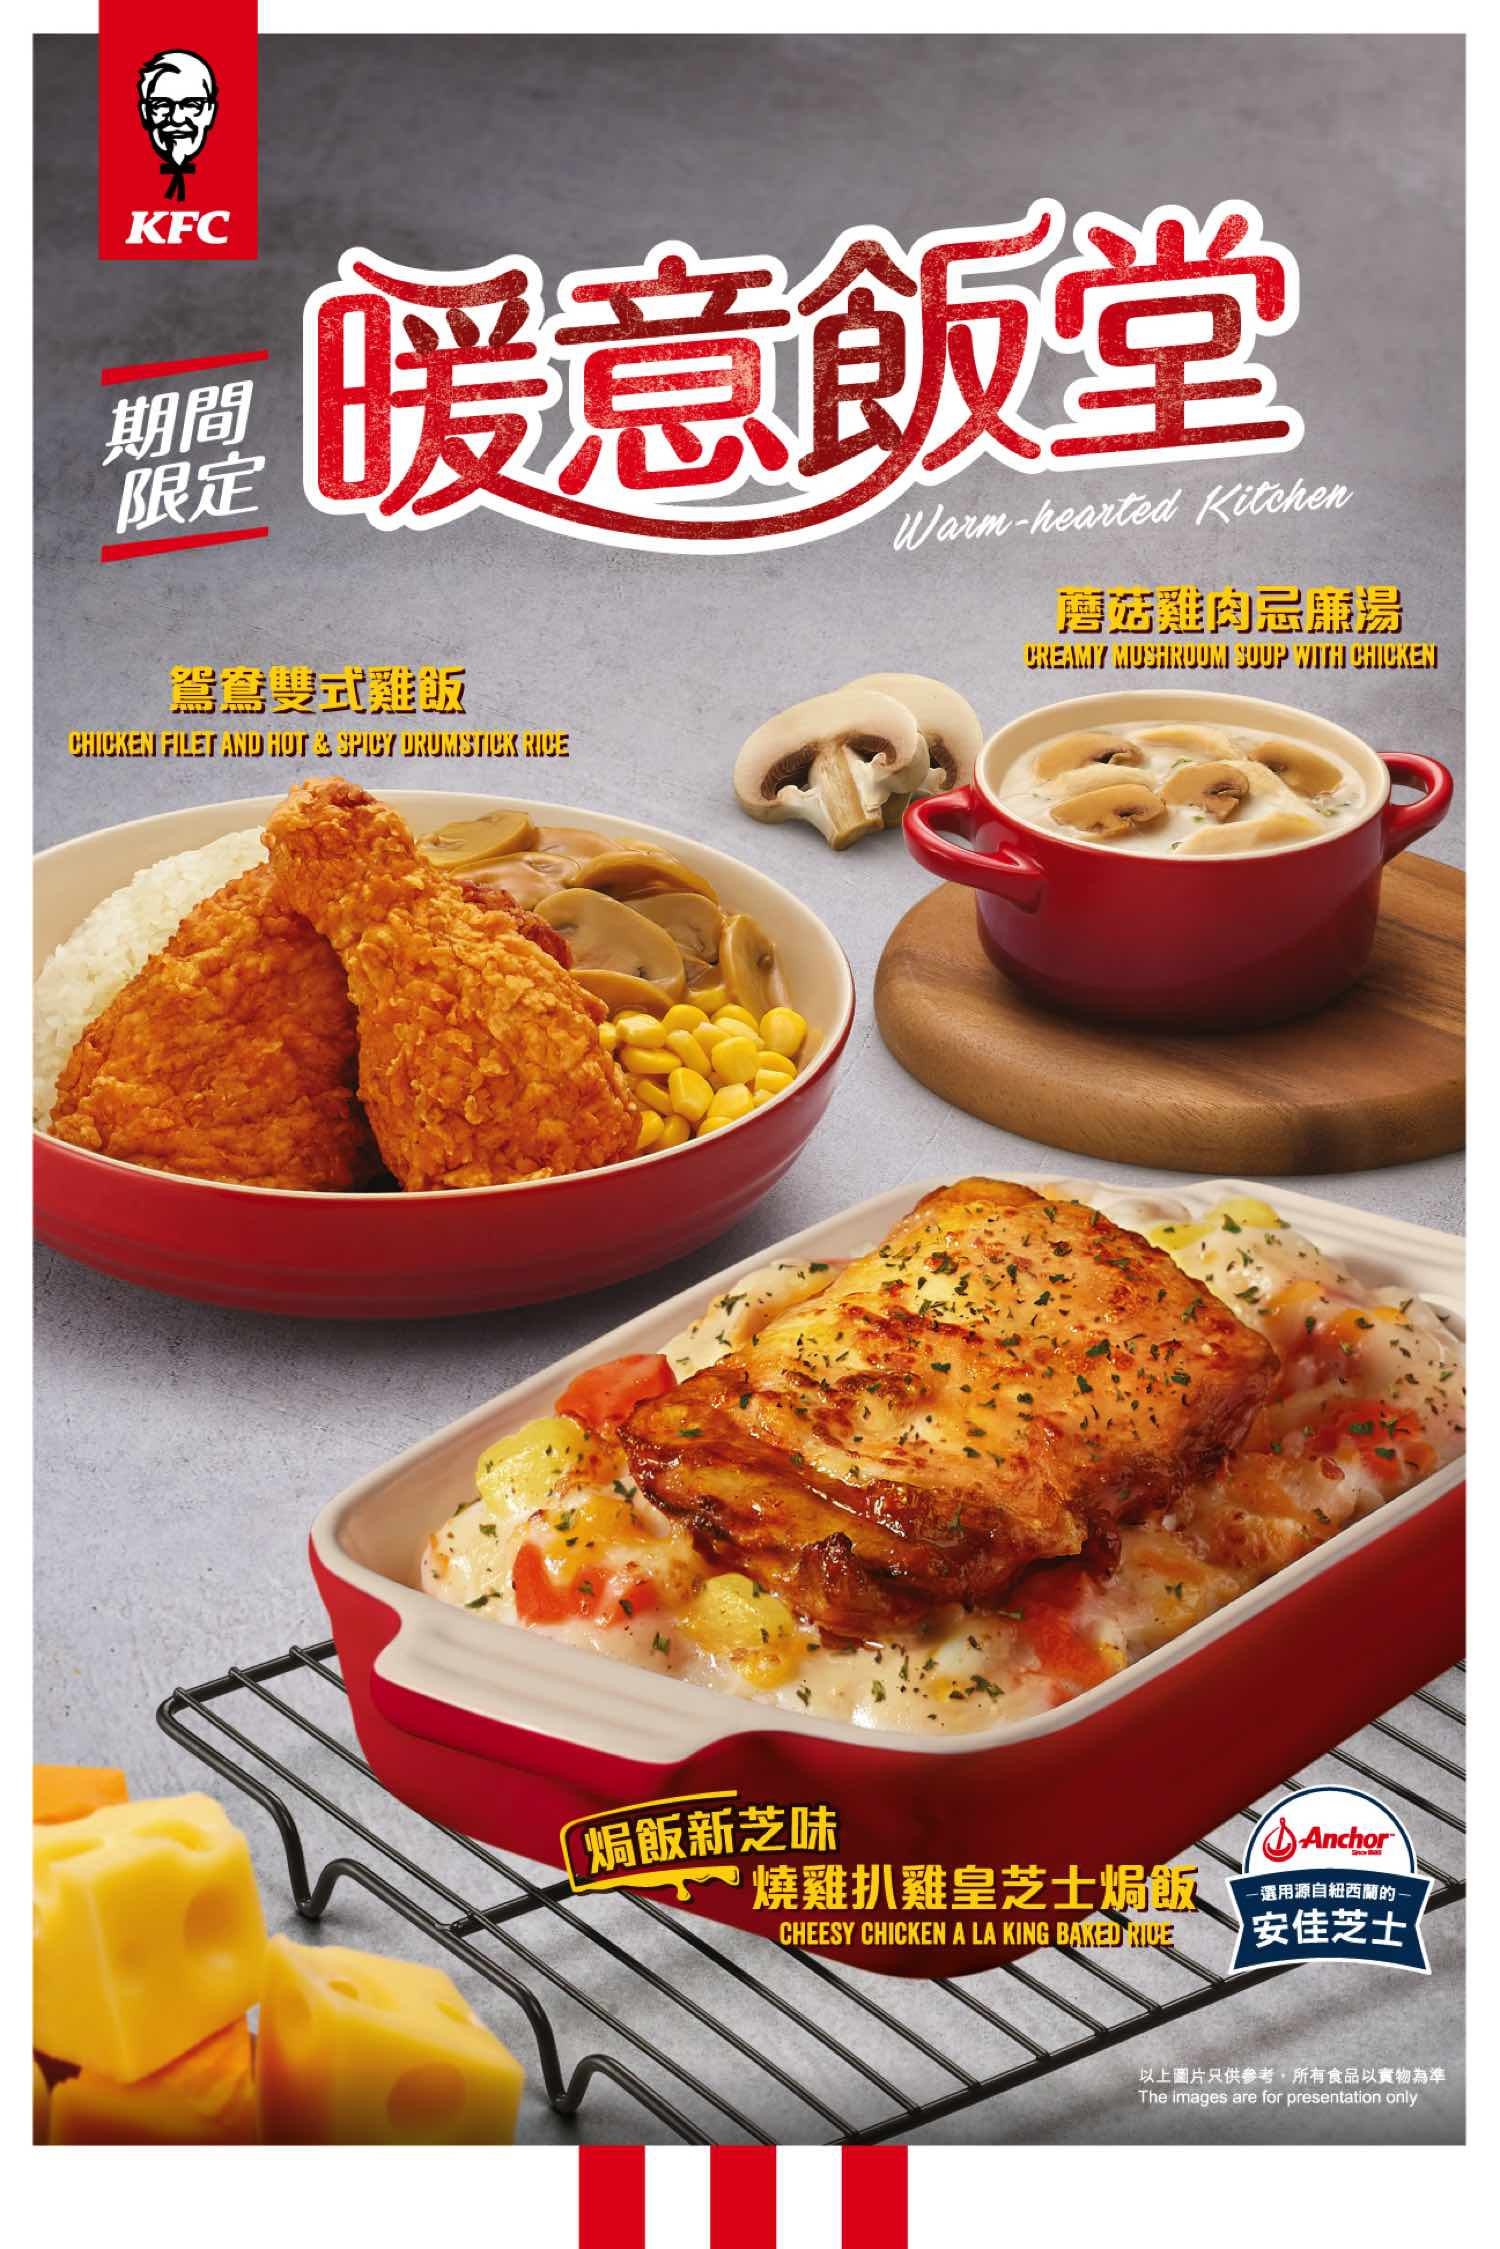 KFC 「 暖意飯堂 」又一新「 芝 」味 期間限定「 燒雞扒雞皇芝士焗飯 」